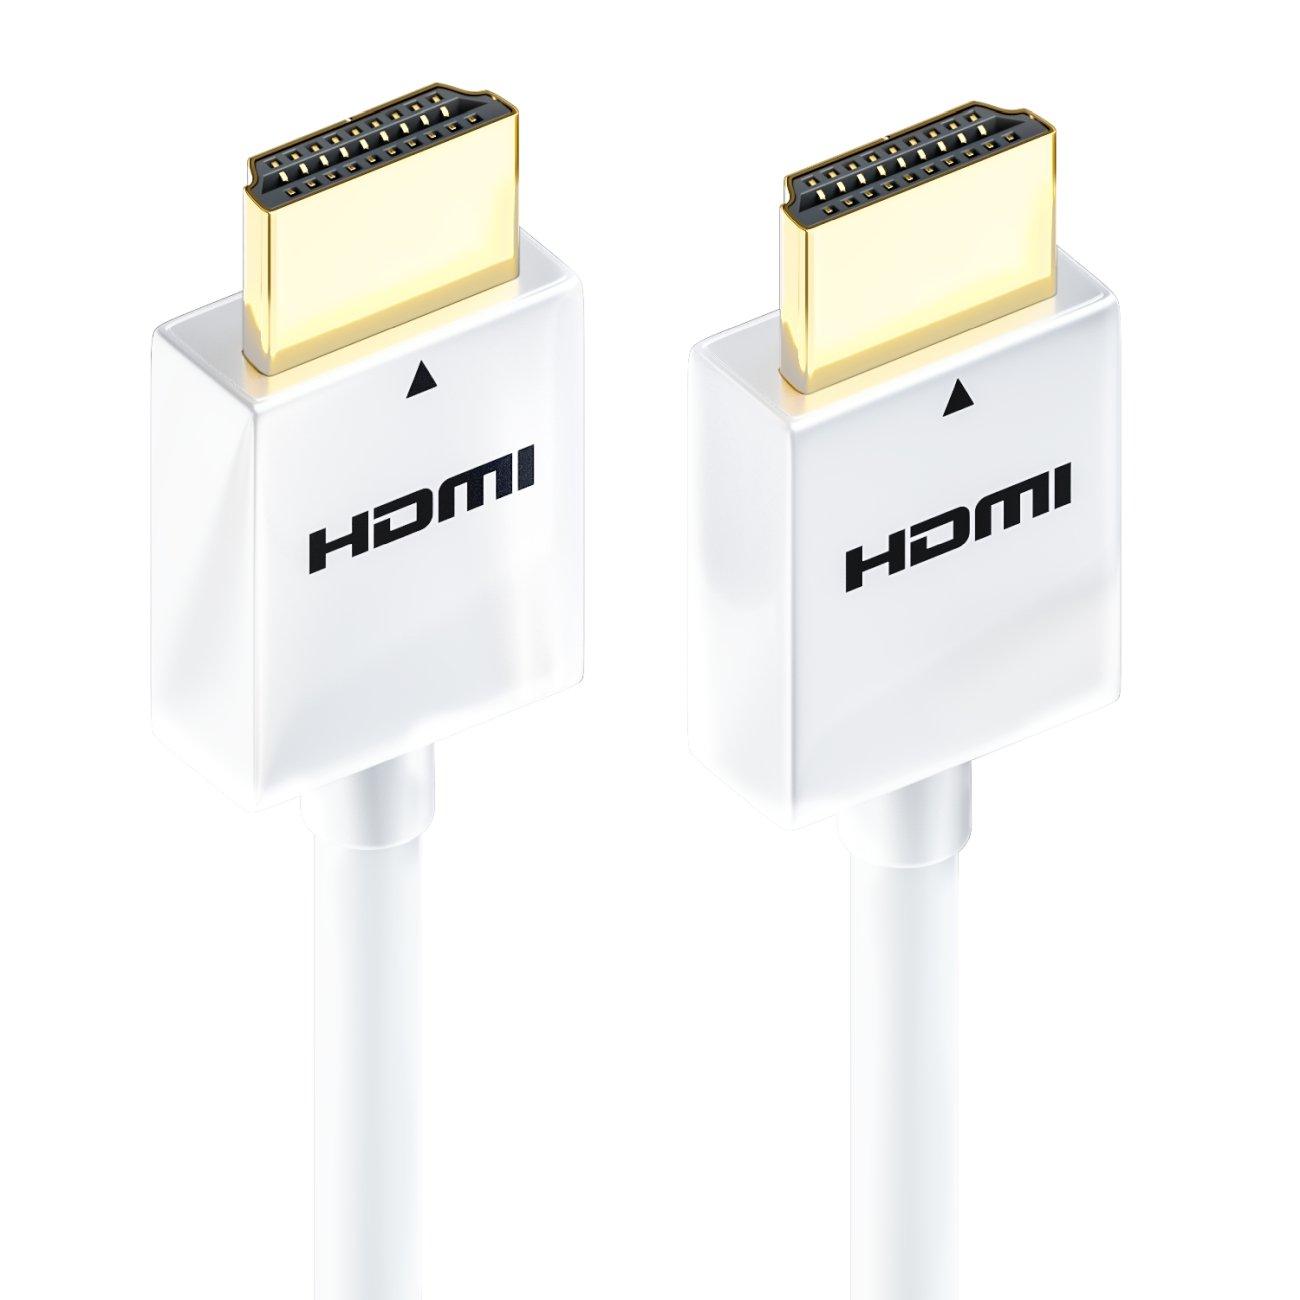 nuevo est/ándar deleyCON Cable HDMI 3m delgado muy r/ápido Ethernet 3D 4K UHD SUPER flexible Blanco